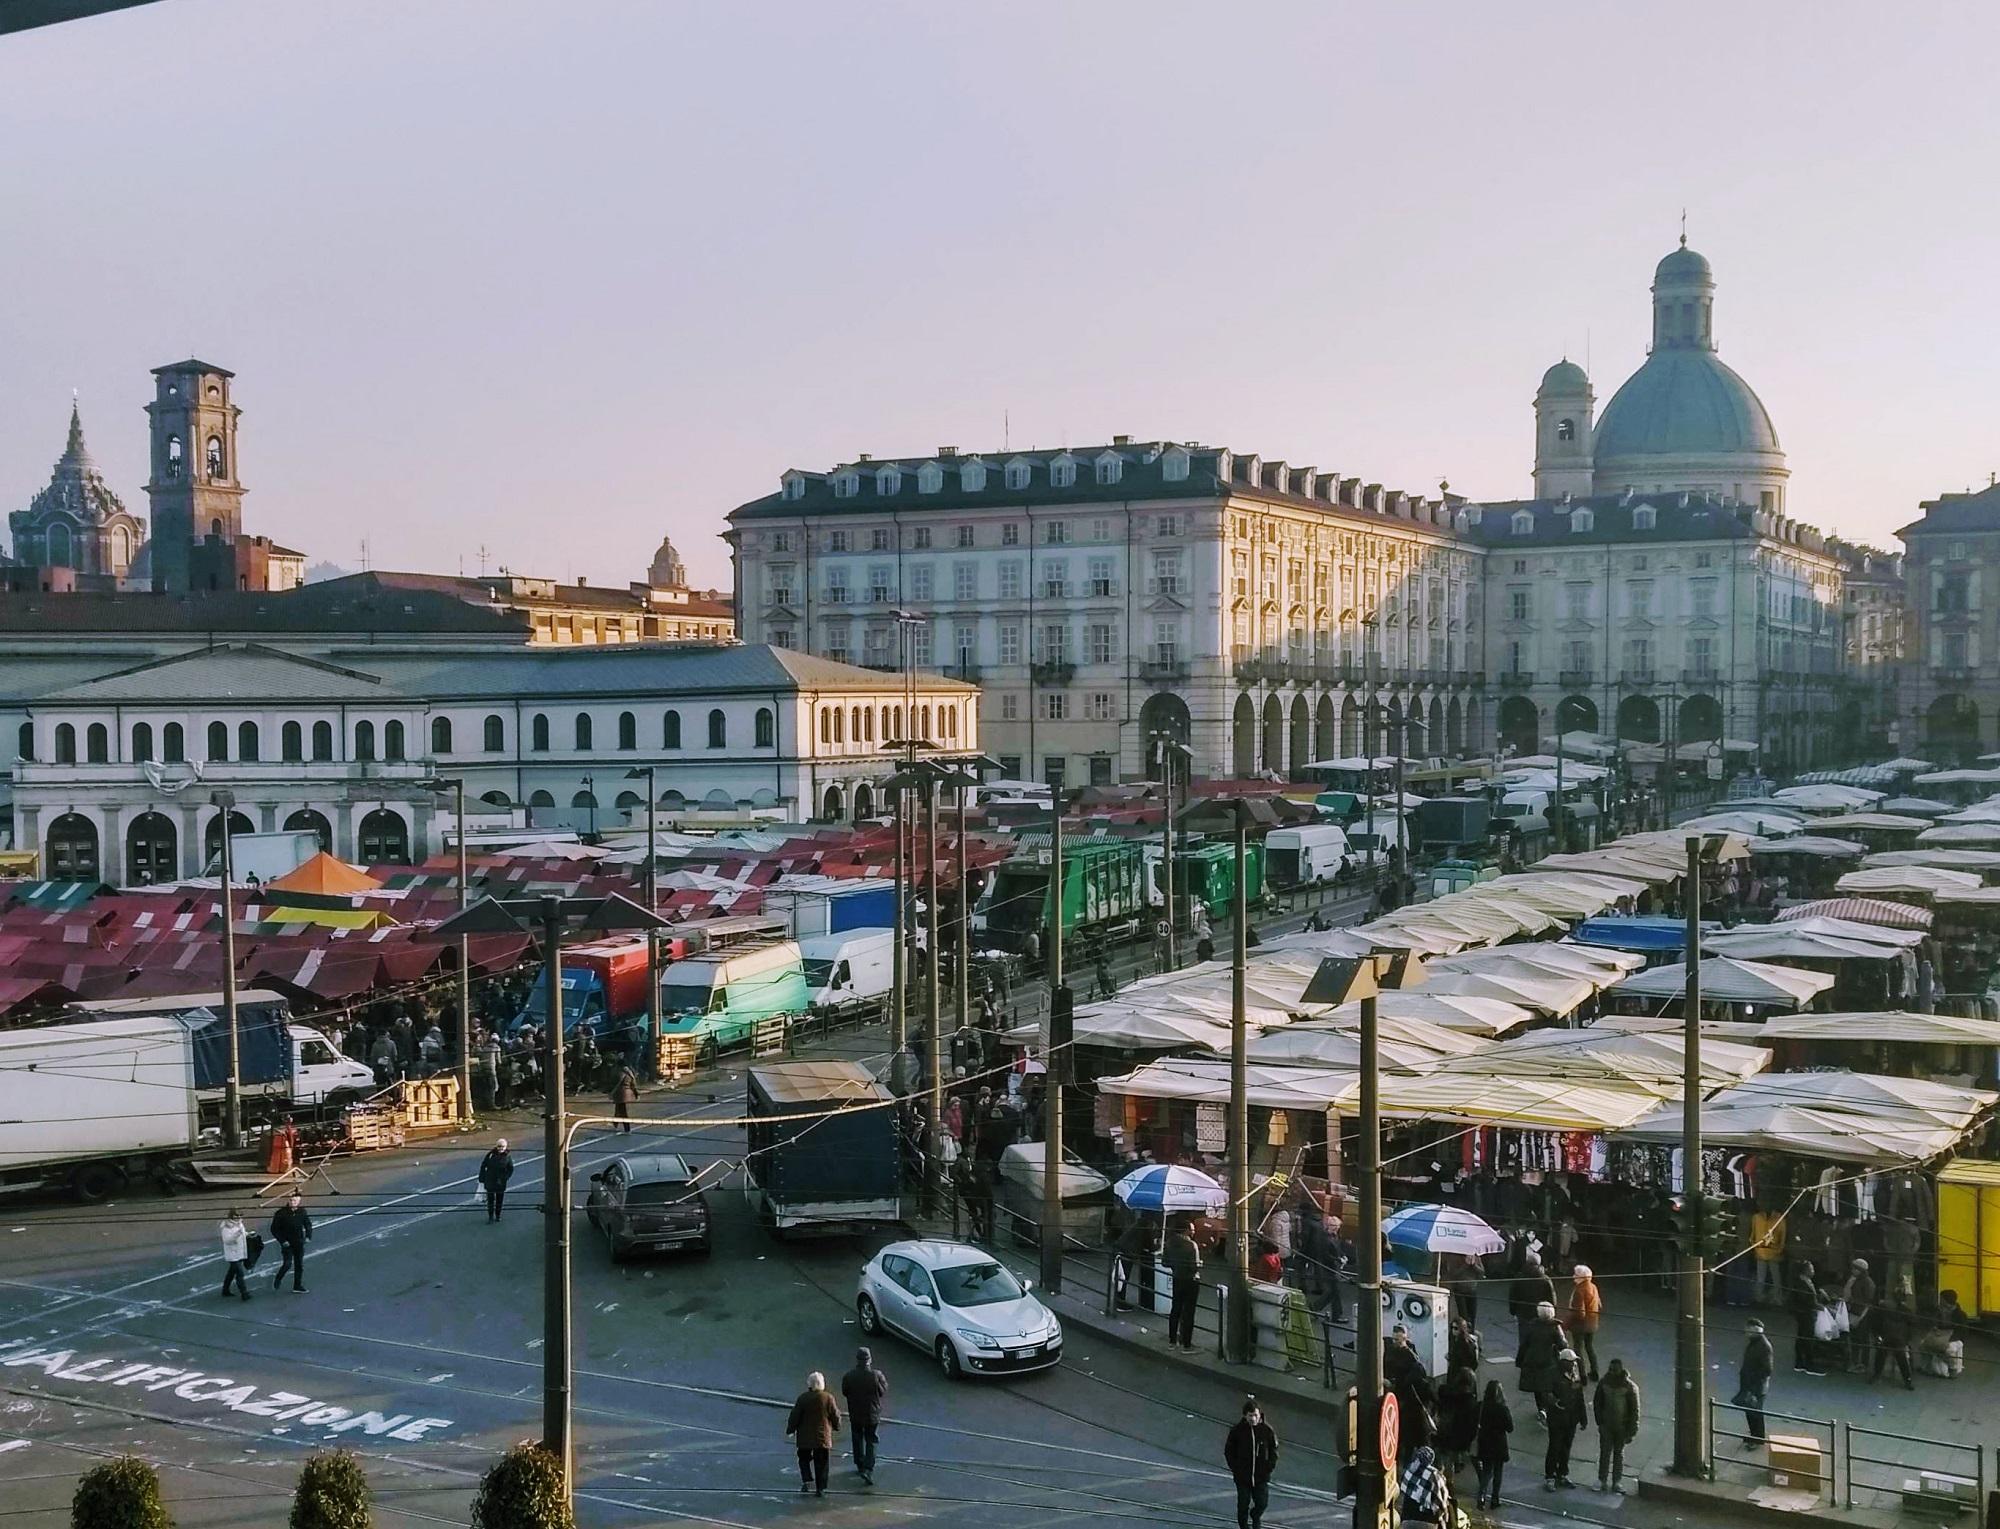 Wikimedia Commons/Progetto artistico Opera Viva in piazza Bottesini